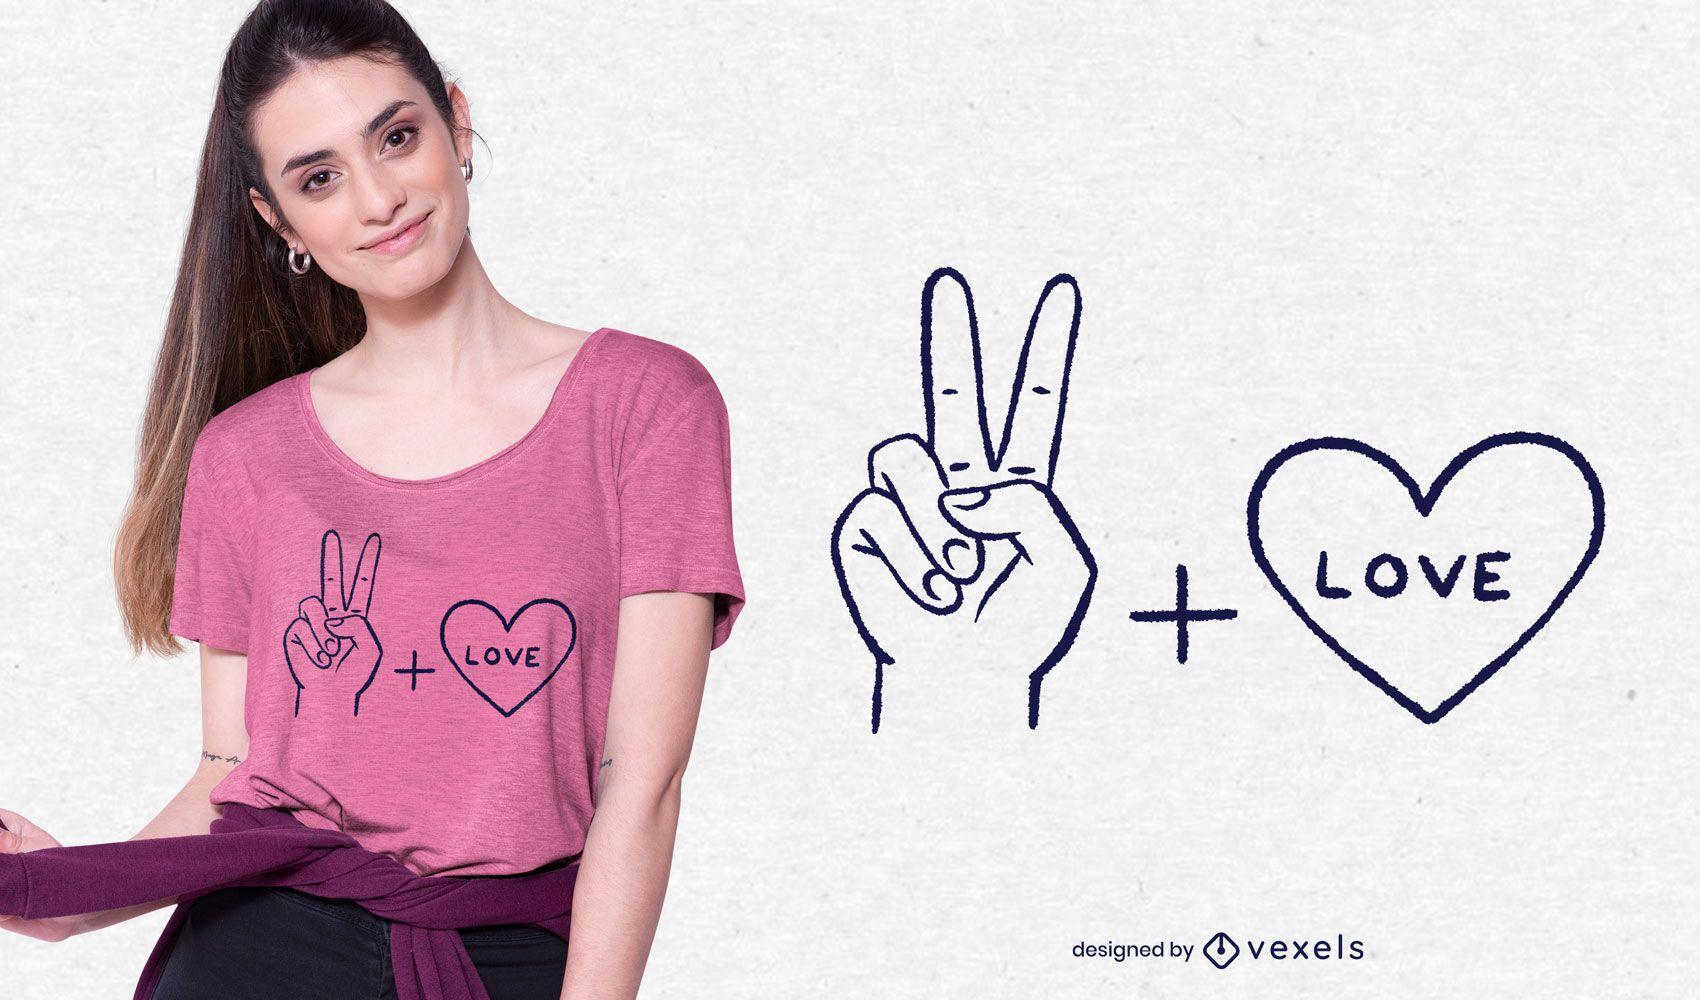 Dise?o de camiseta de paz y amor